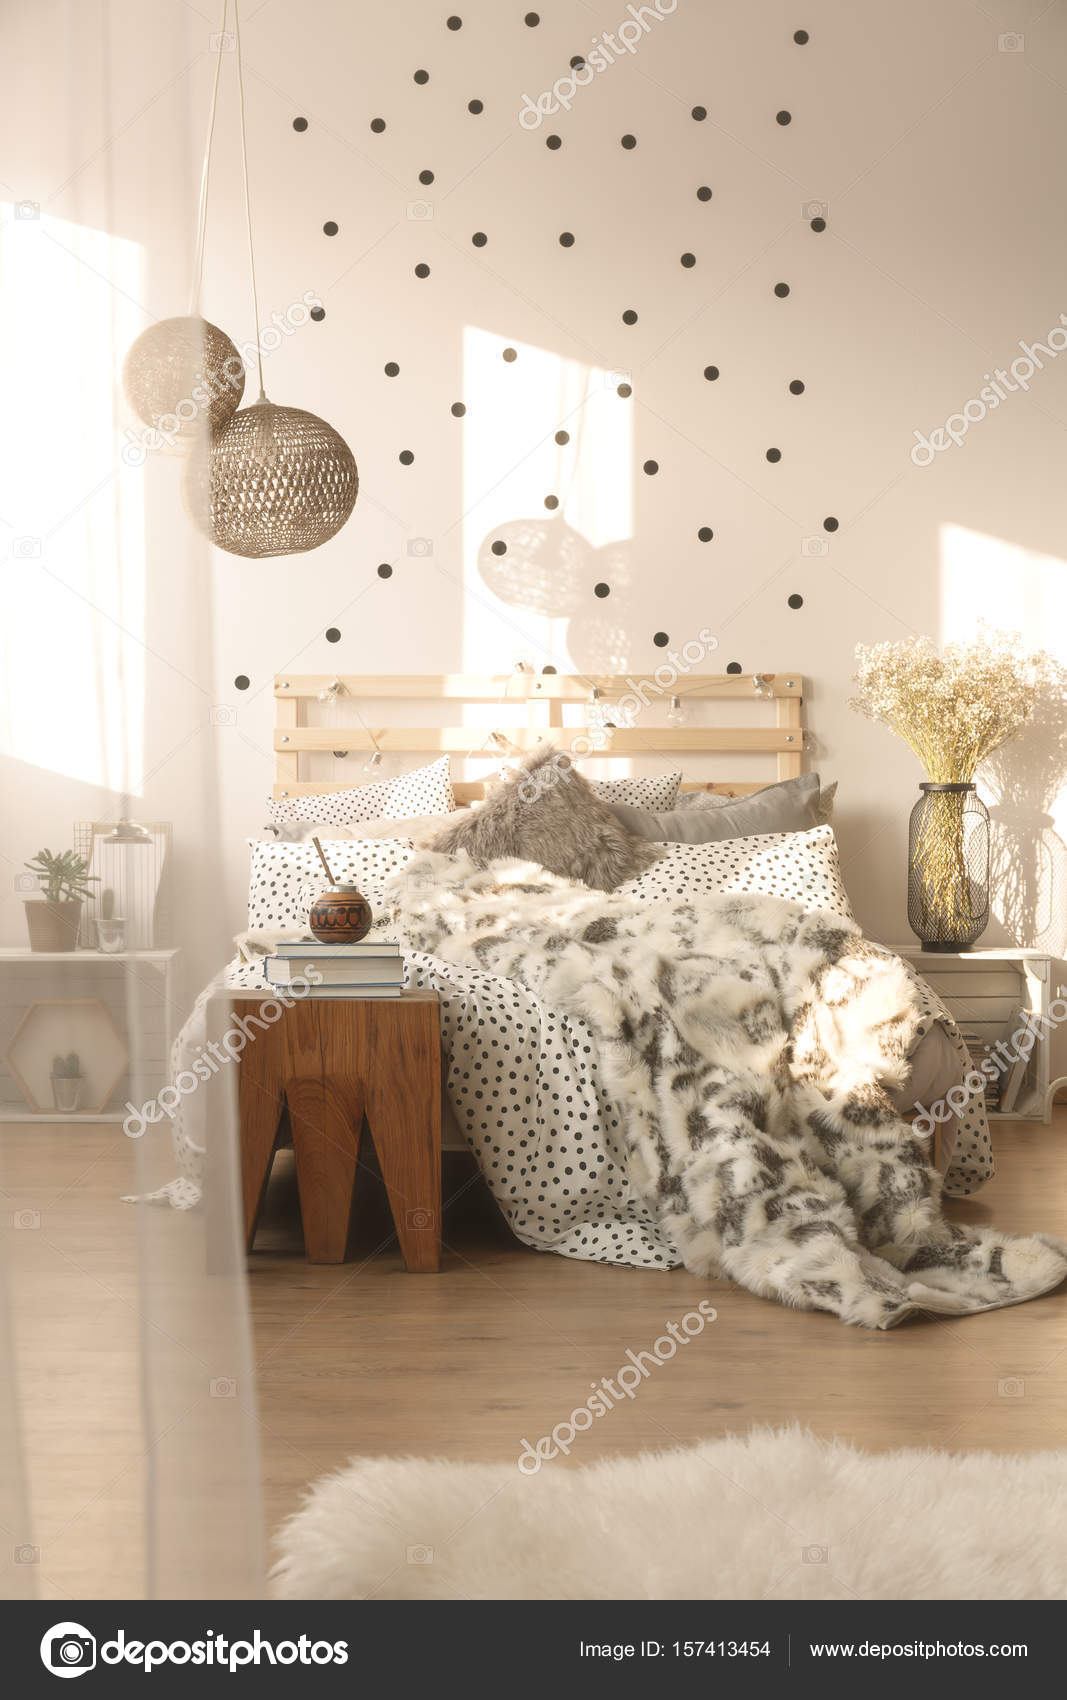 slaapkamer met decoratieve lampen stockfoto